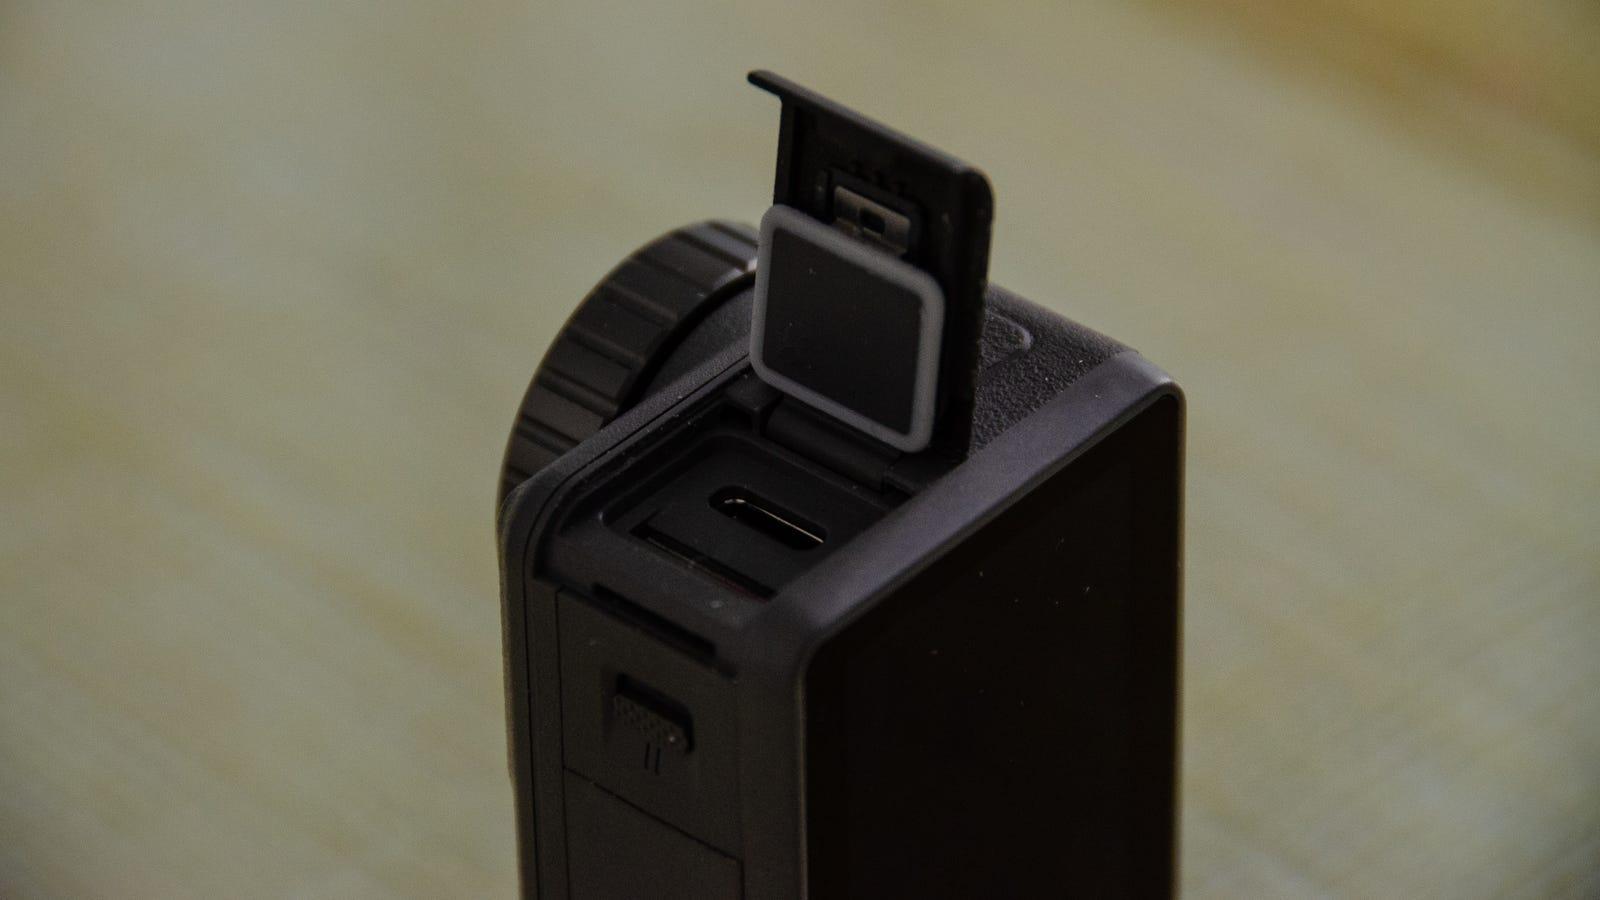 Sacar la tarjeta MicroSD de ahí a veces es algo frustrante.